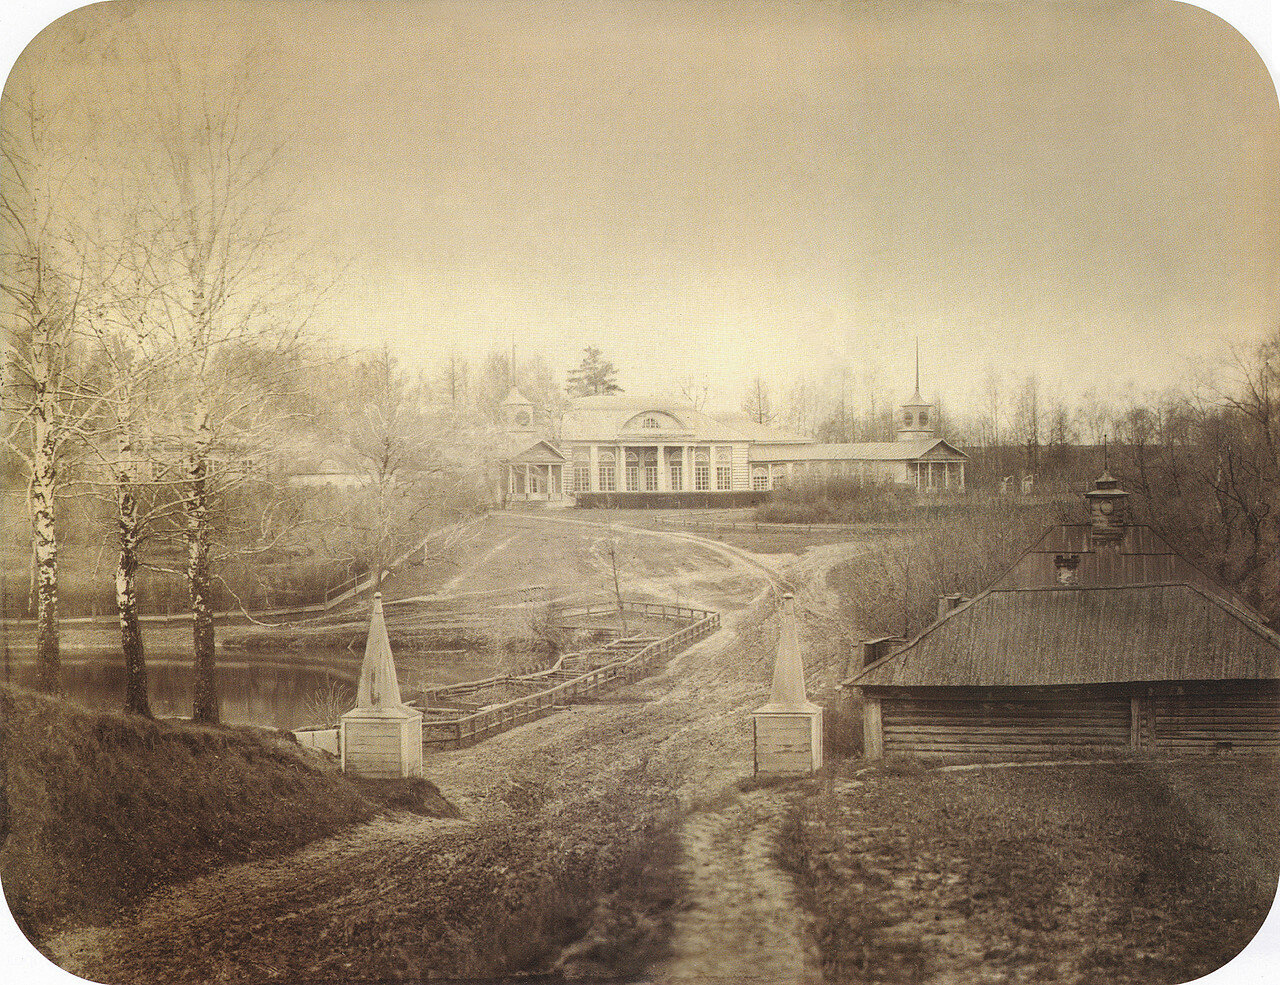 Въезд в усадьбу. Вид на плотину большого пруда и парадный фасад господского дома. 2-я пол. 1860-х.